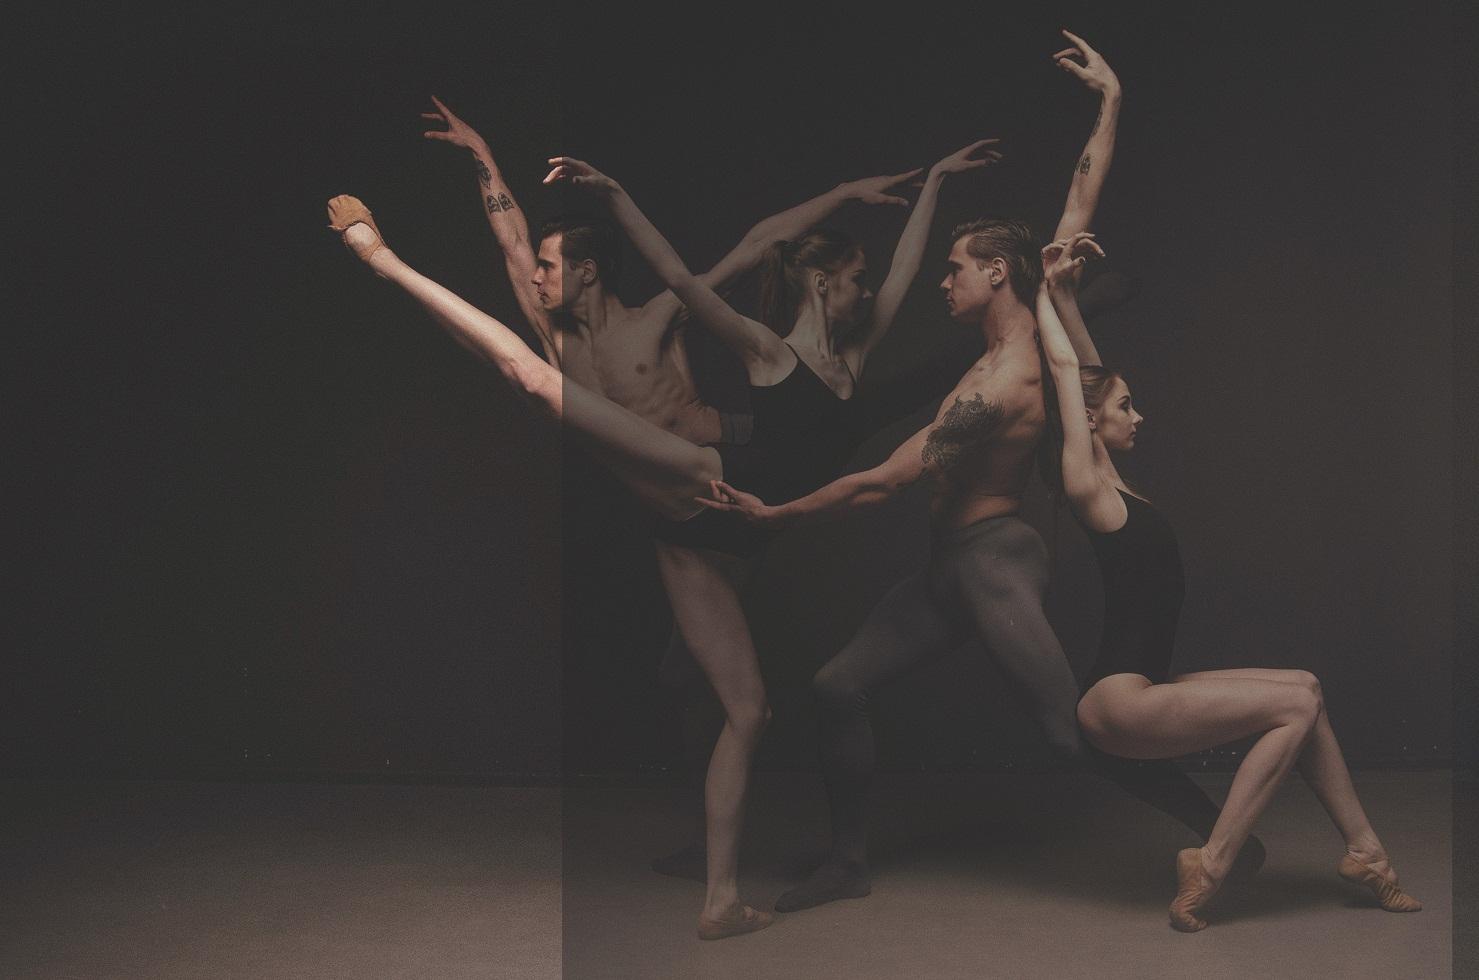 Больше, чем искусство: как танец делает нас умнее и счастливее?